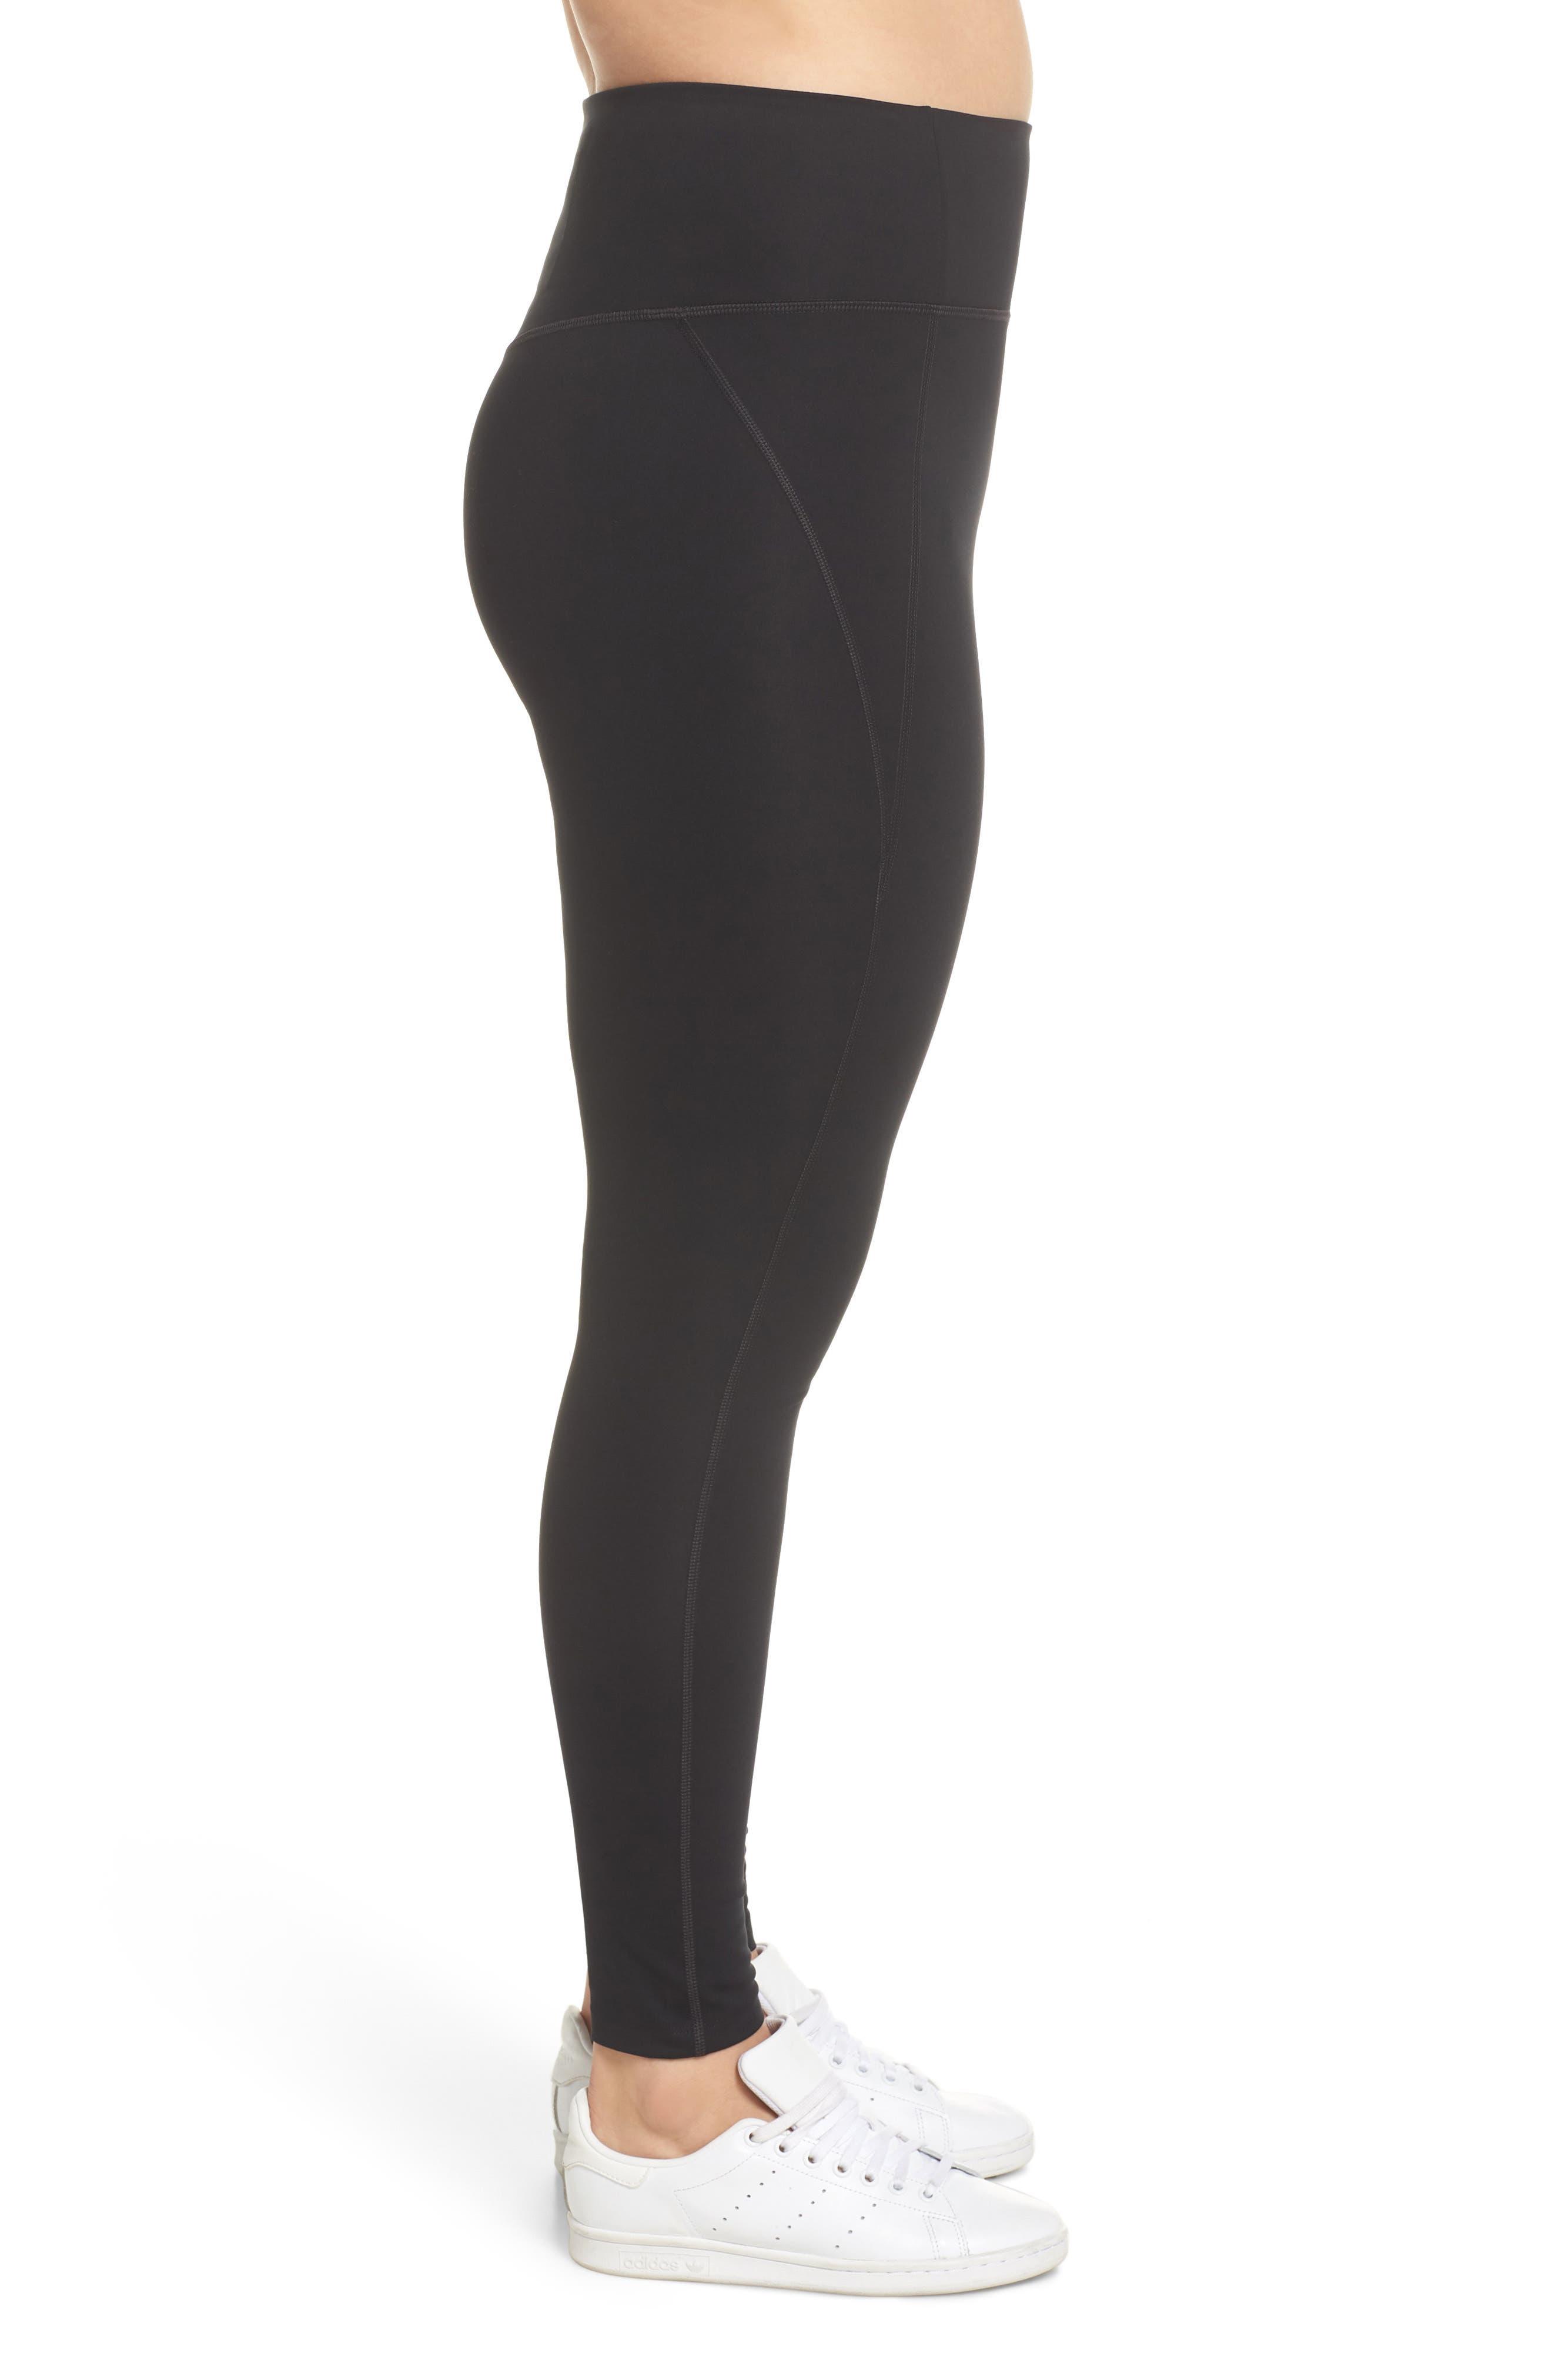 High Waist Full Length Leggings,                             Alternate thumbnail 10, color,                             BLACK